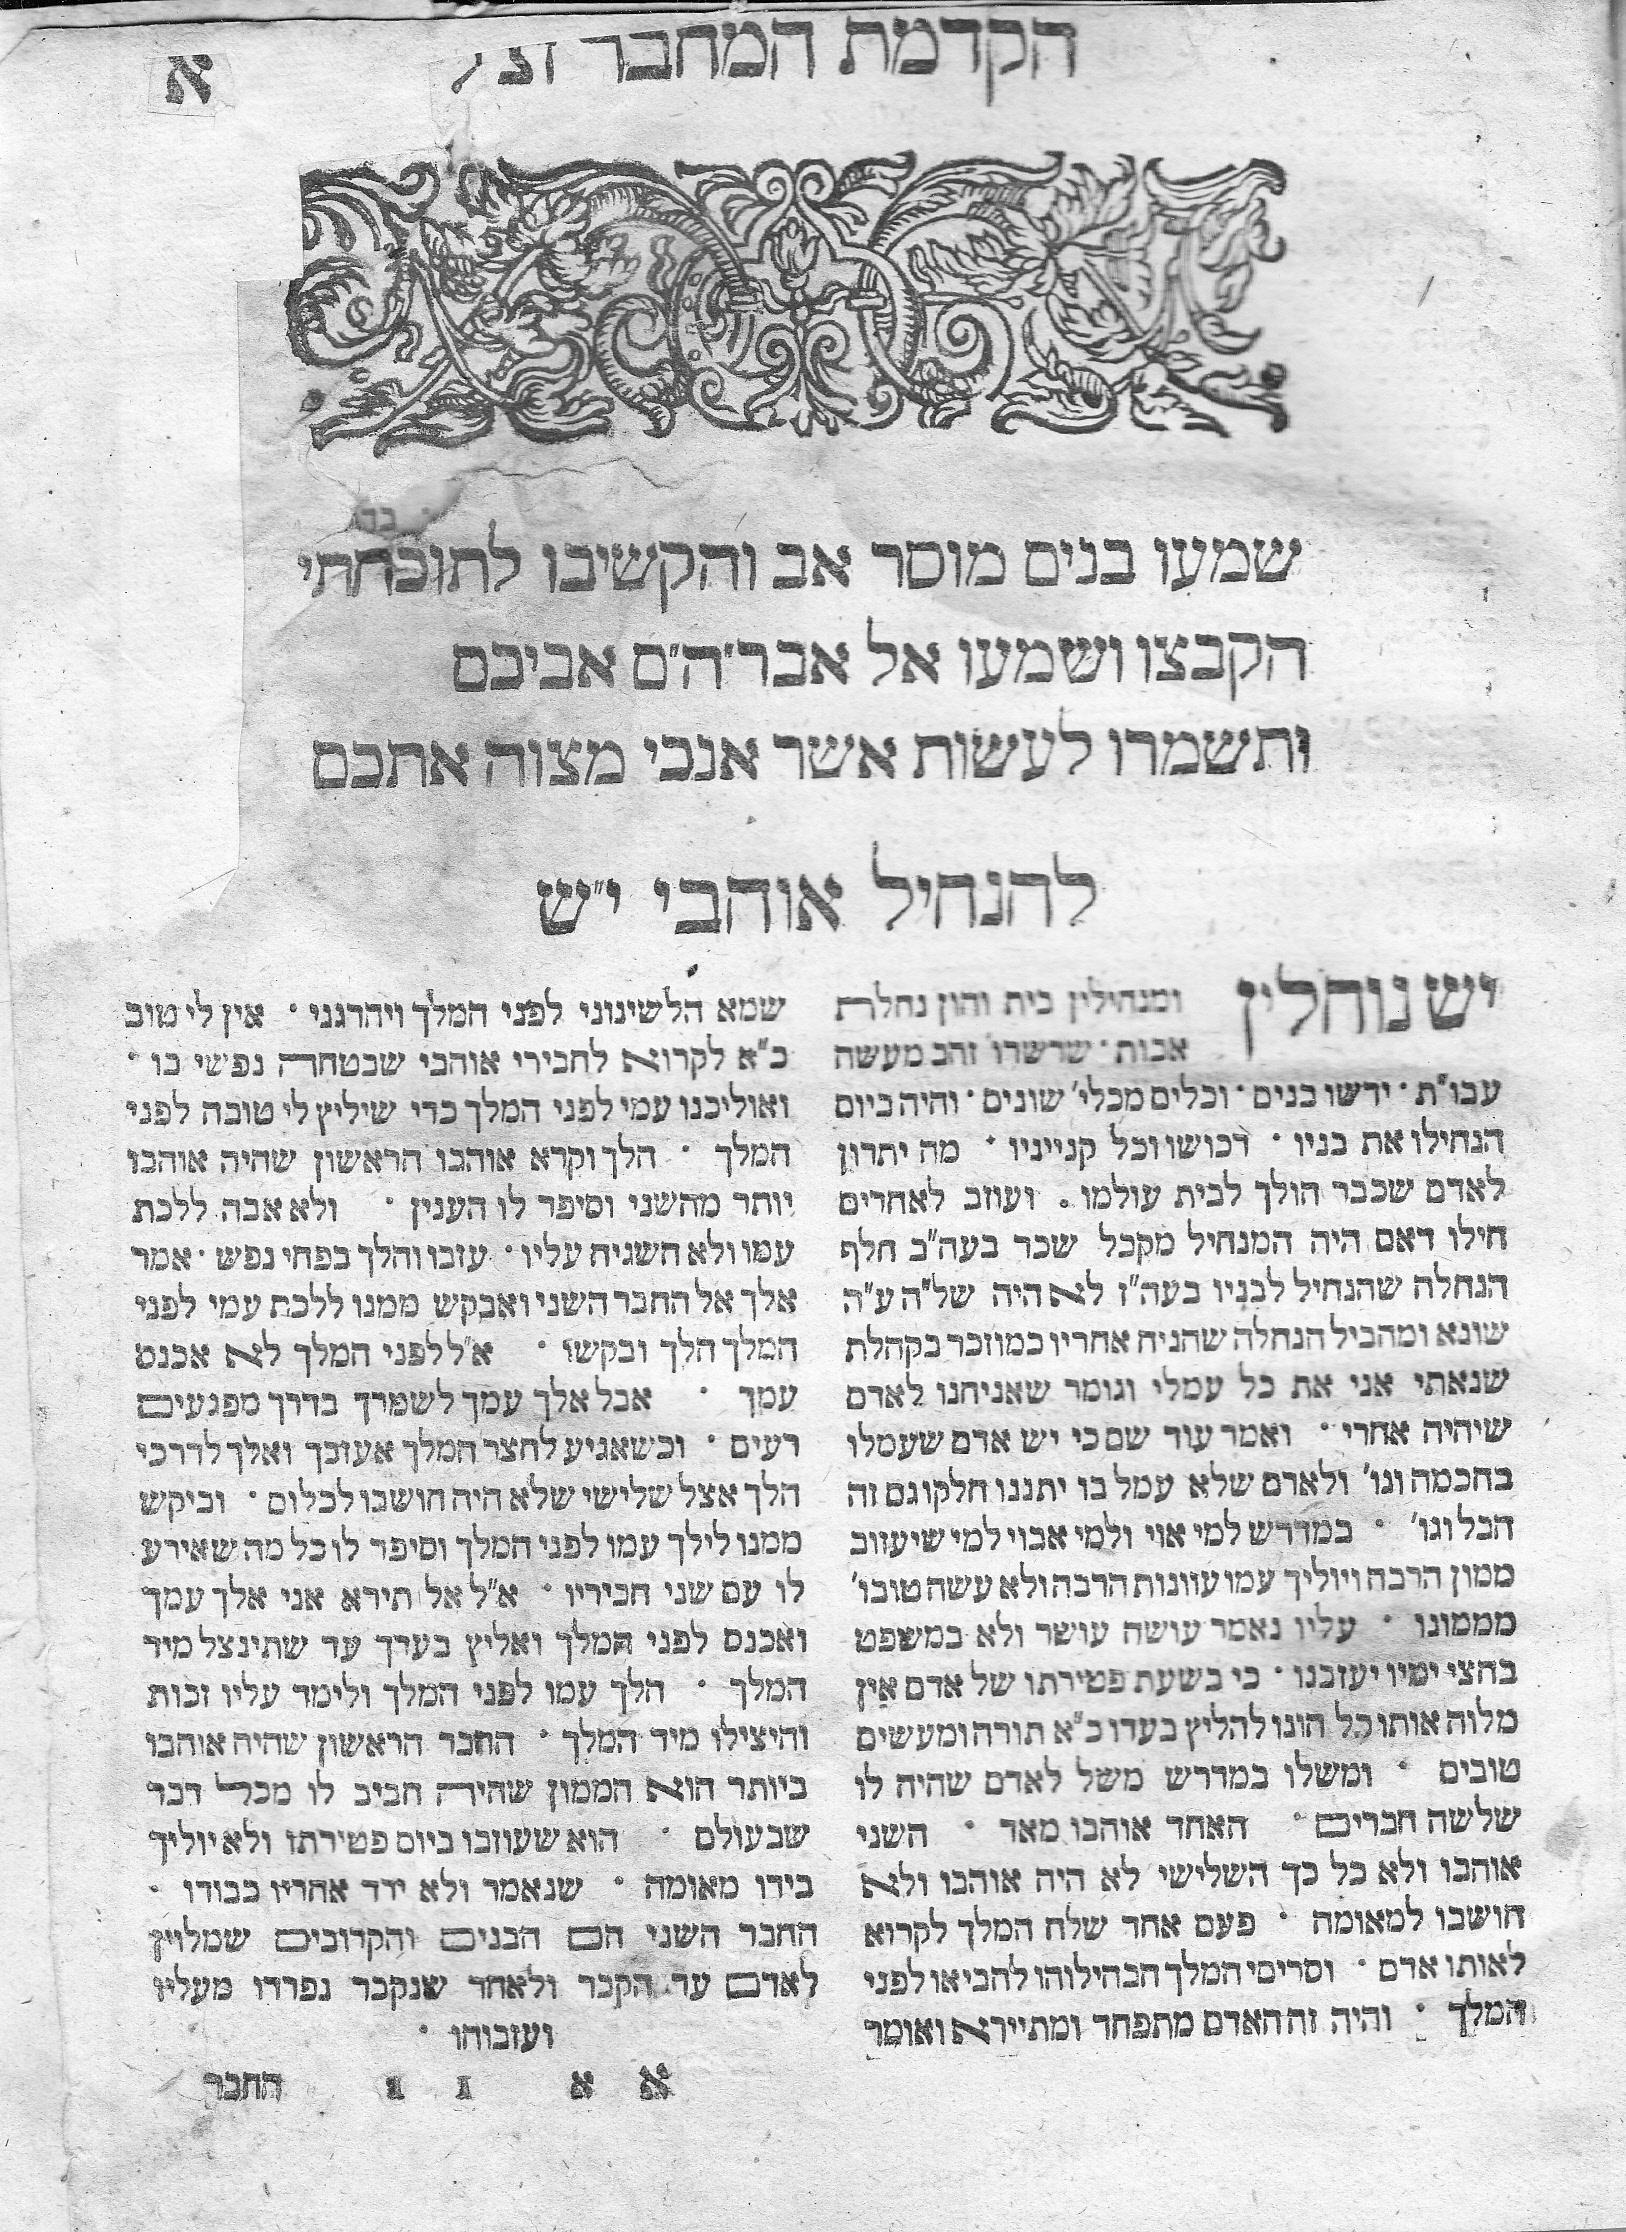 5w Yesh Nochlin_0006